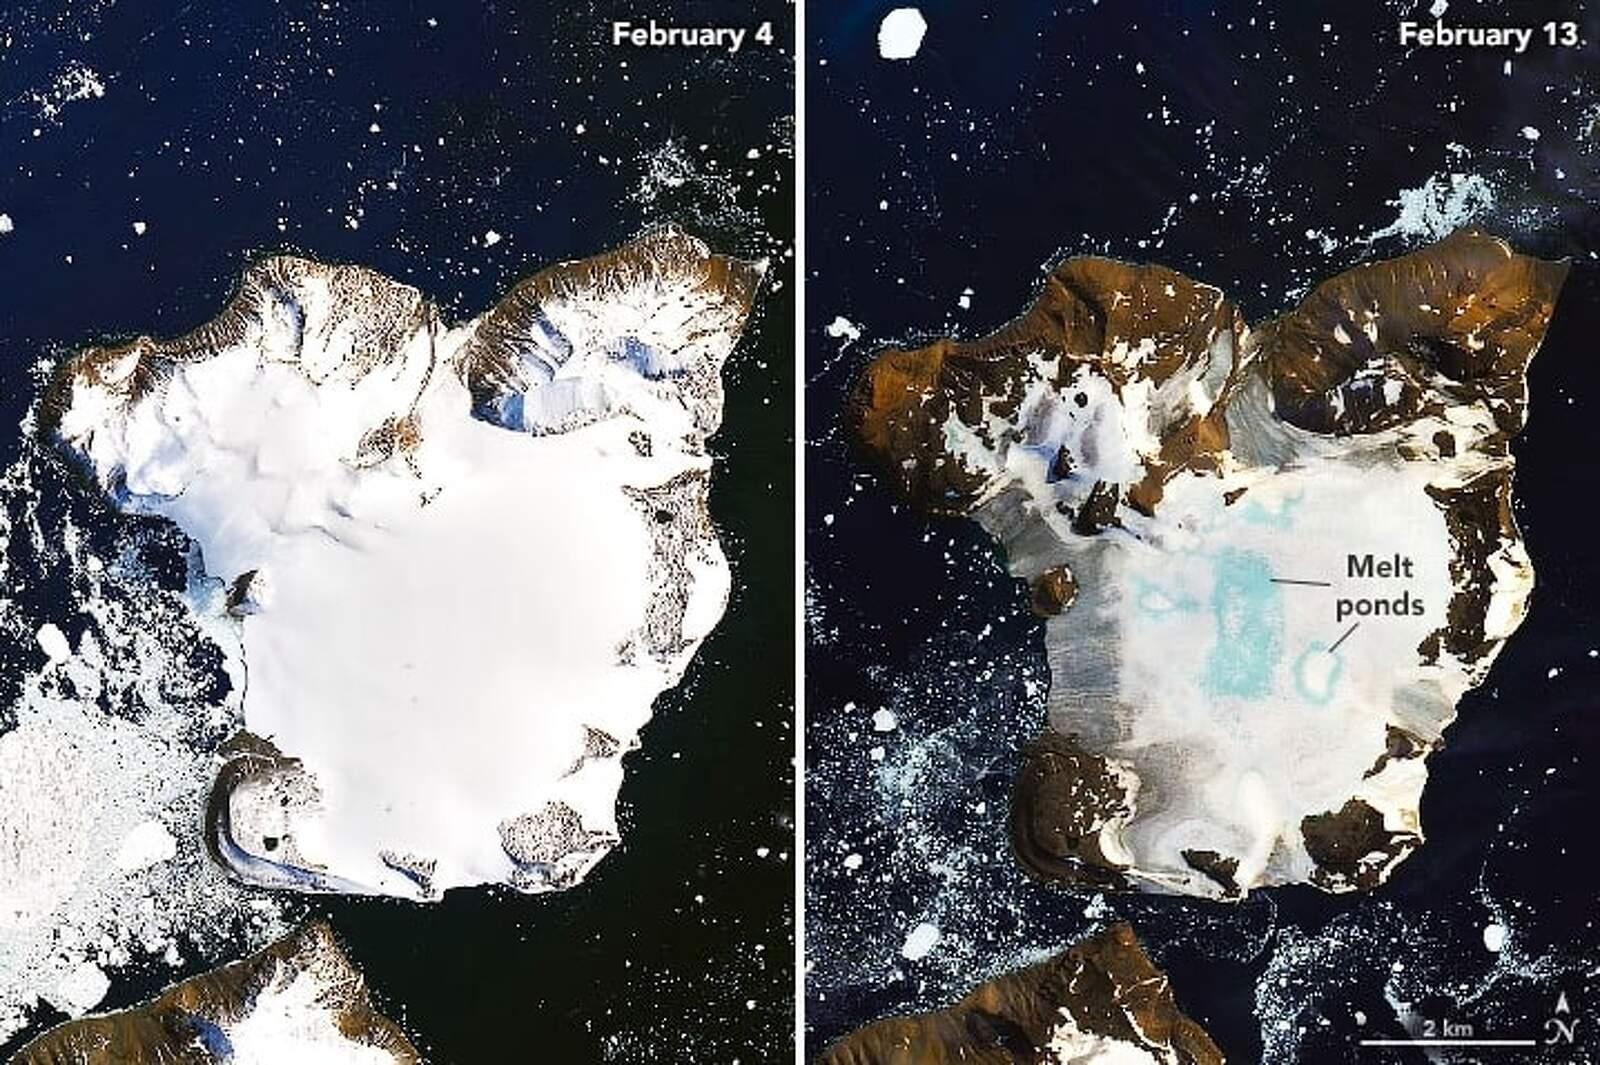 La diferència en la coberta de neu de l'illa Àguila entre el quatre i el tretze de febrer de 2020